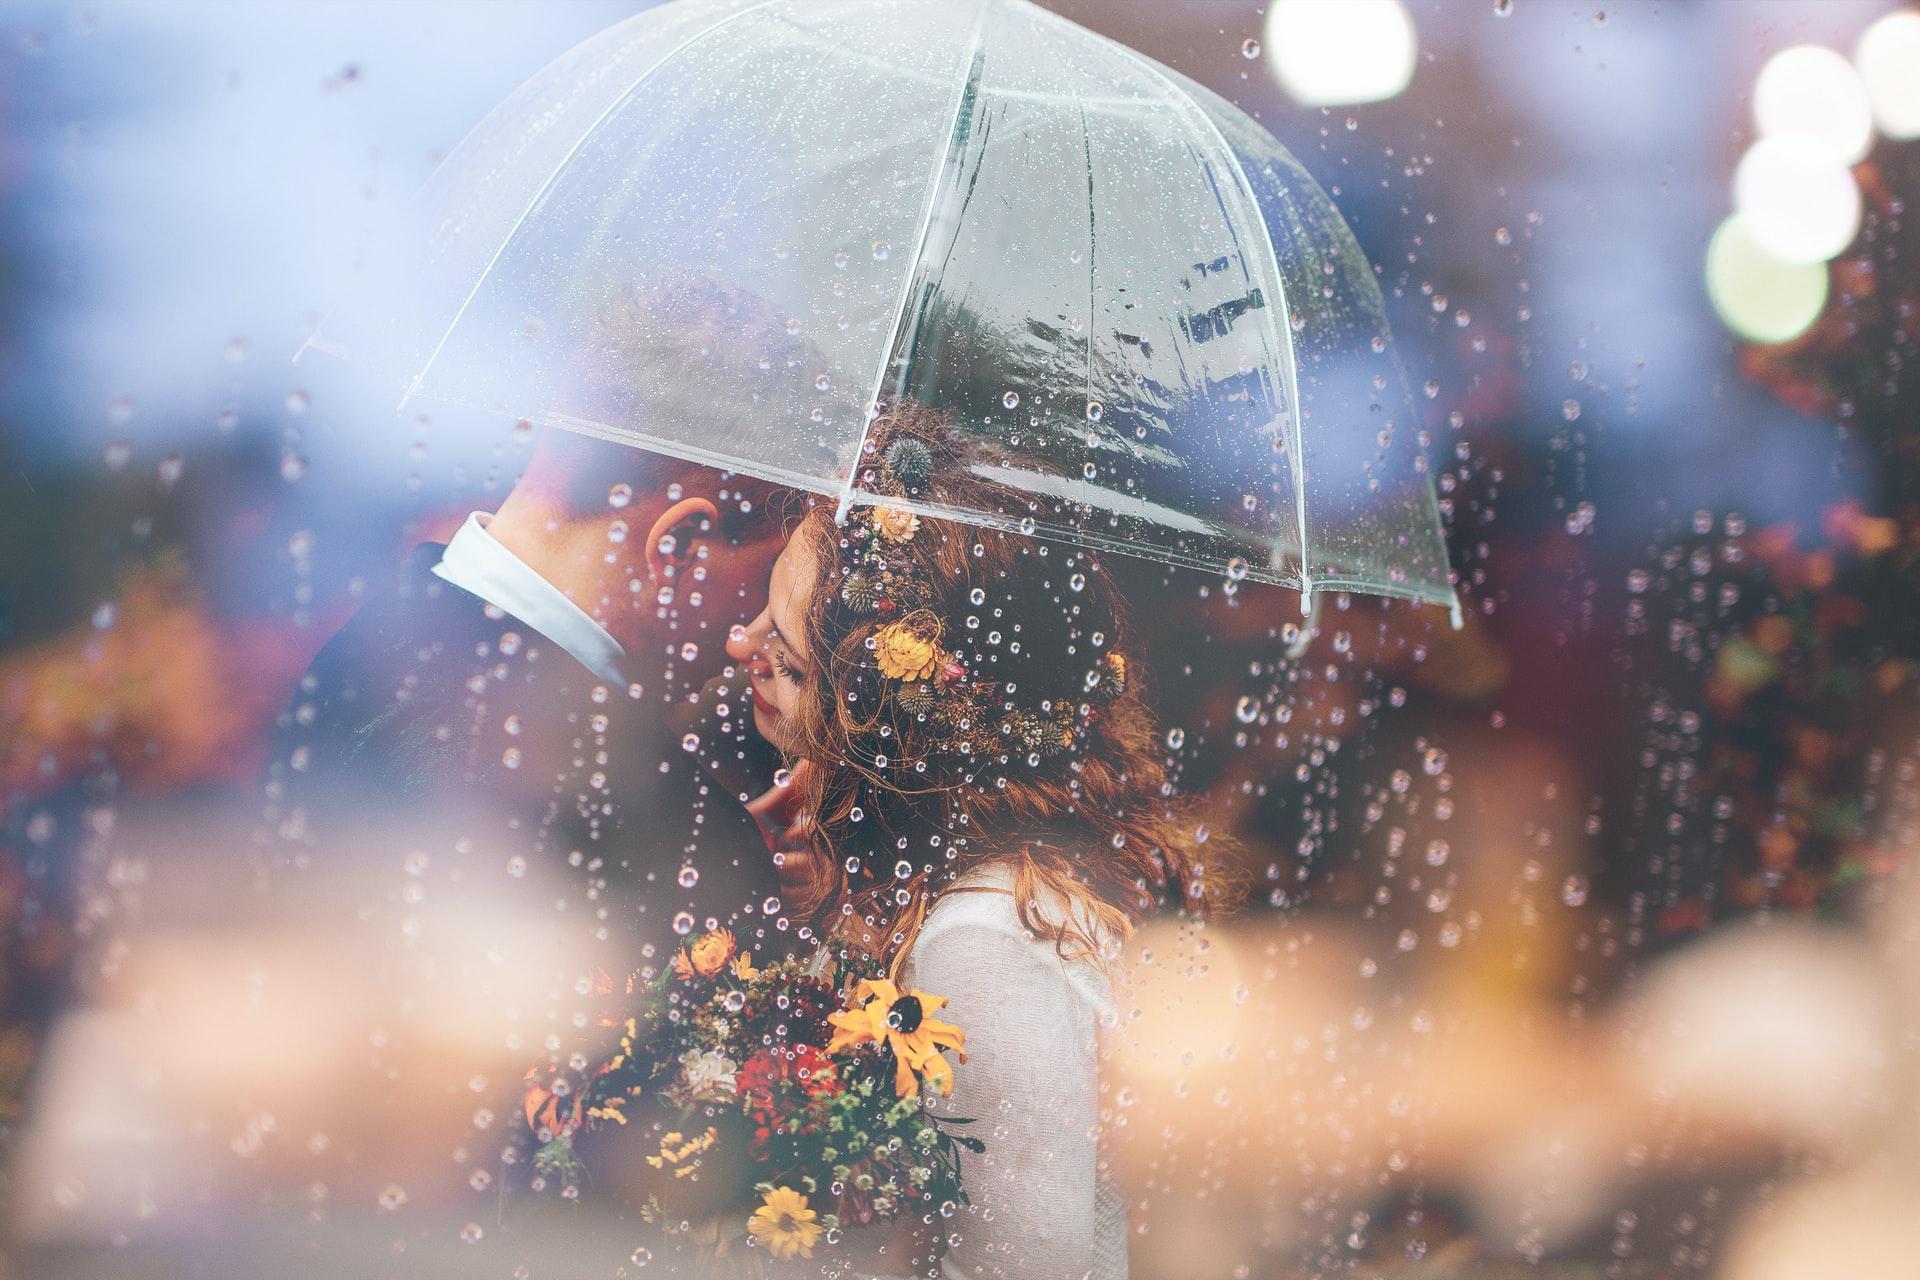 Let it rain 6